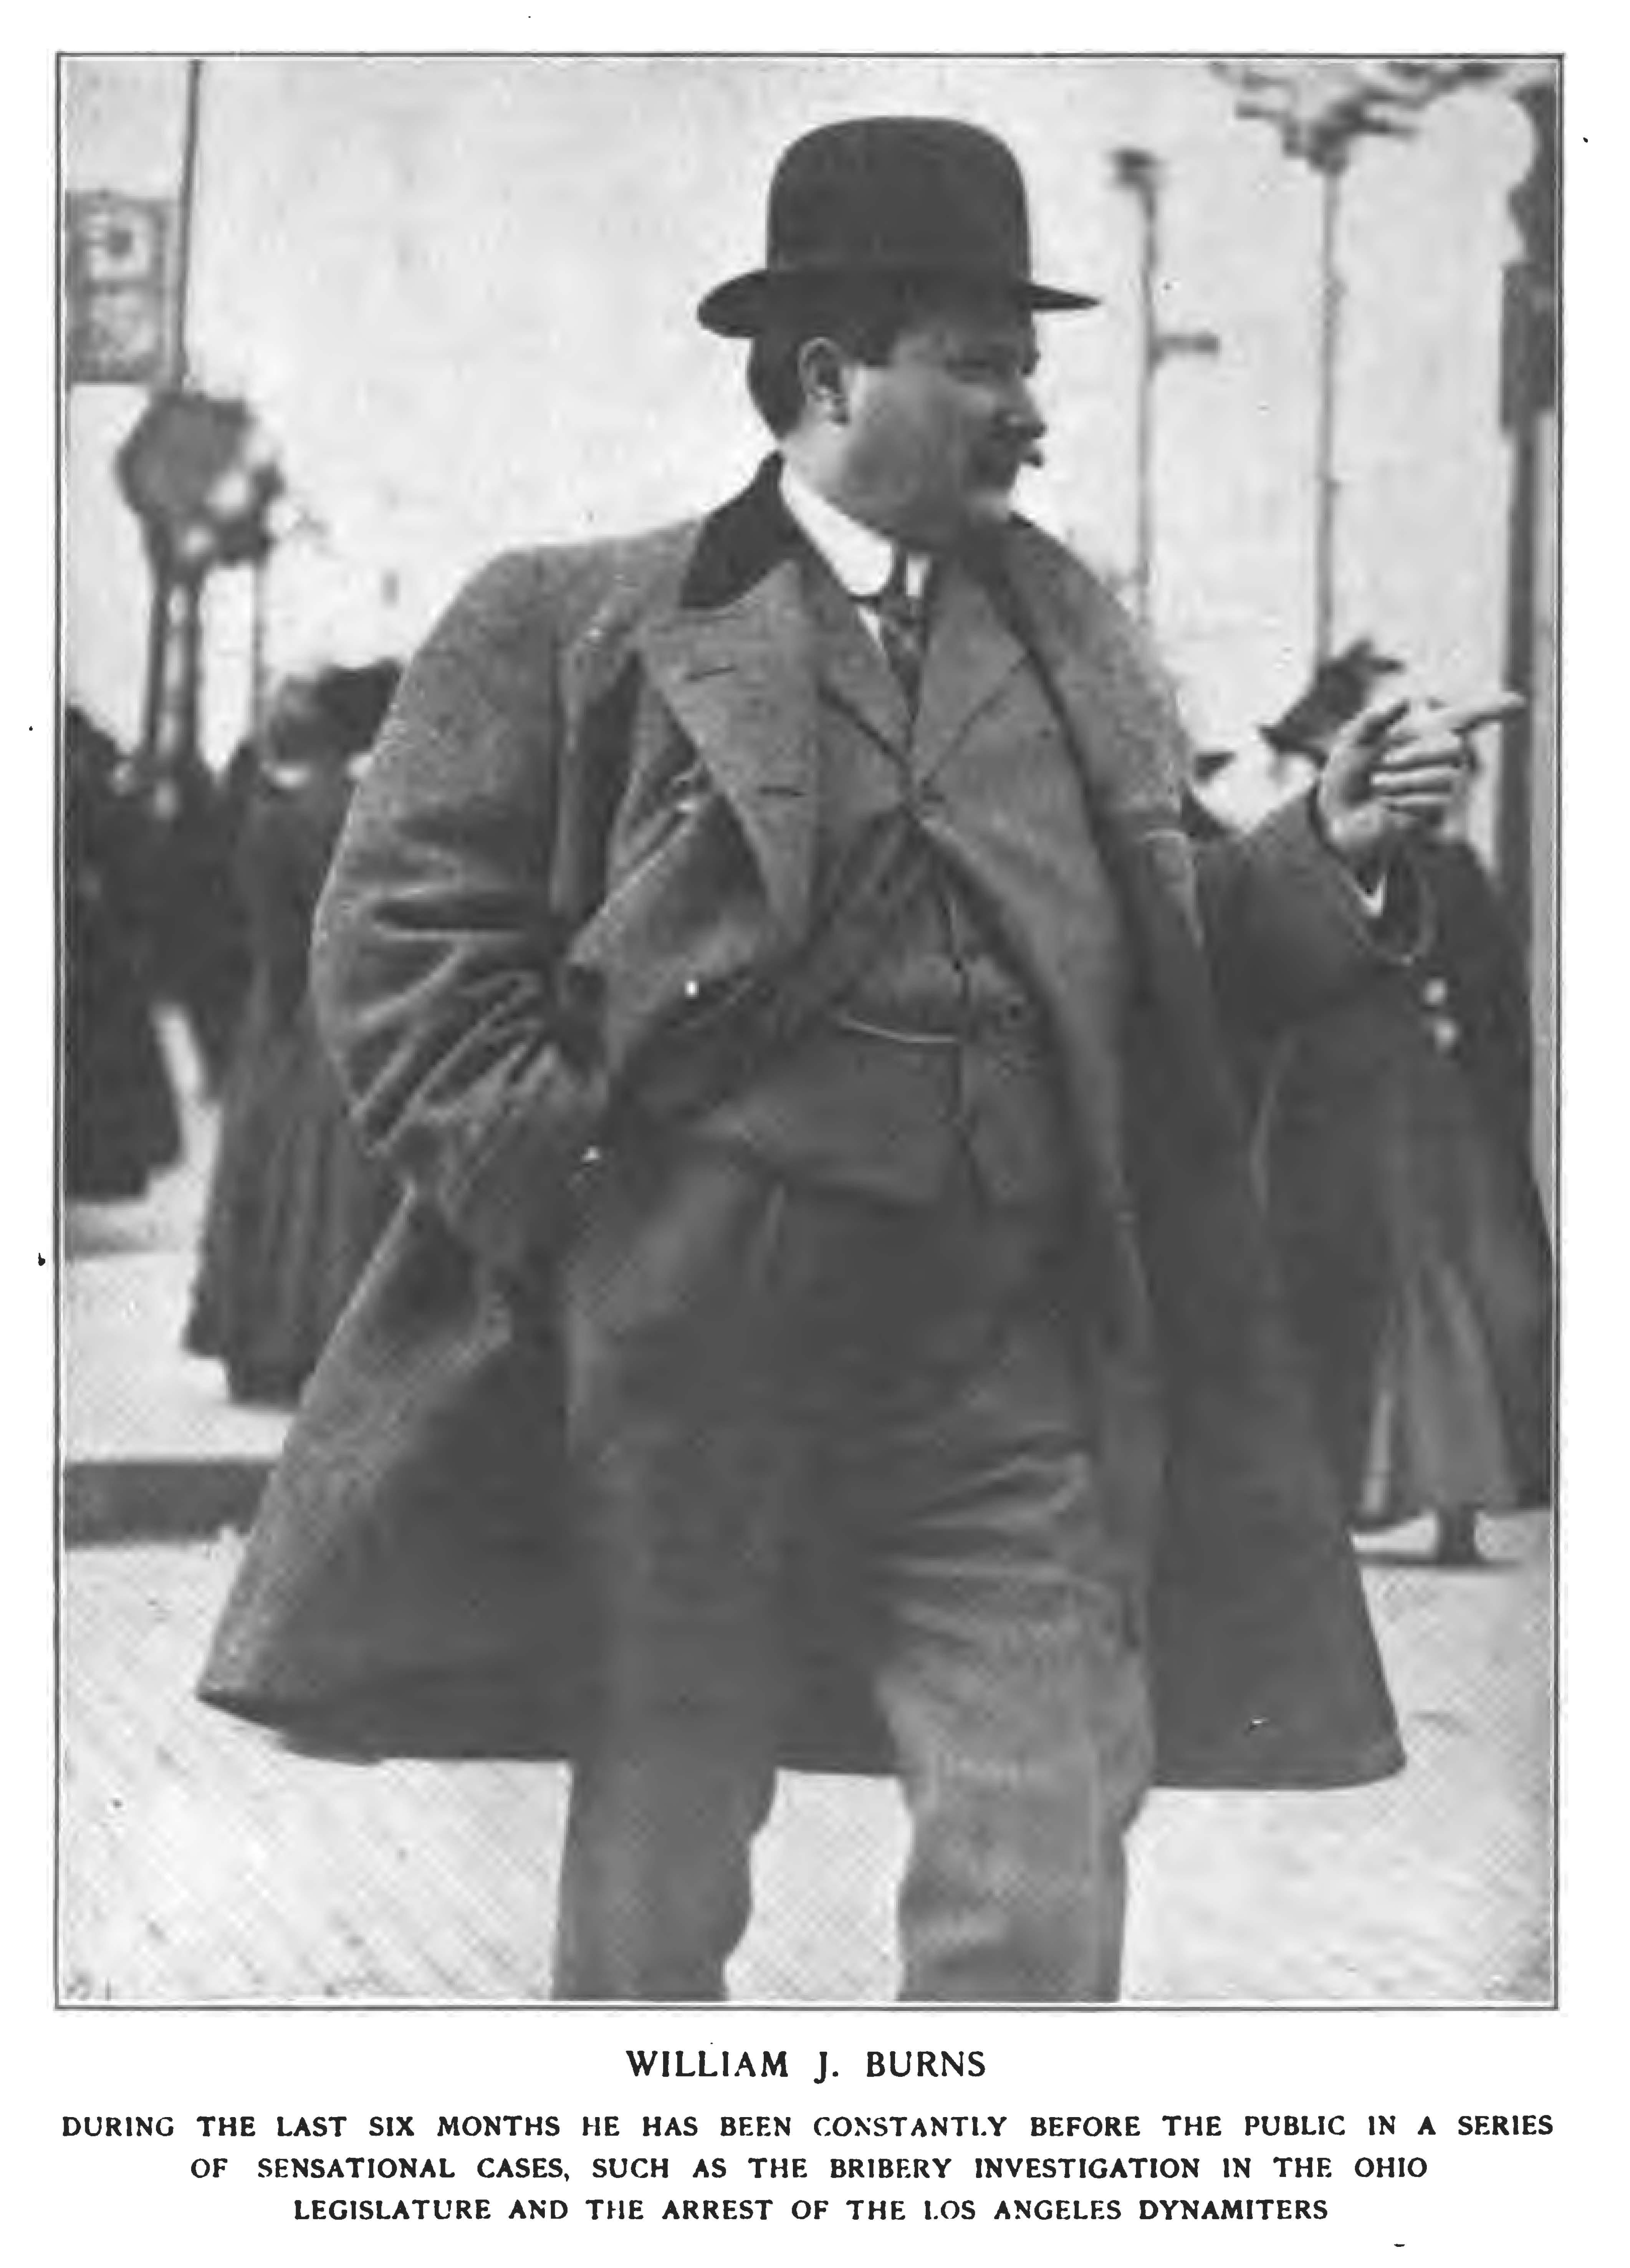 Burns_Photo_McClure_s_Magazine_Aug_1911.jpg